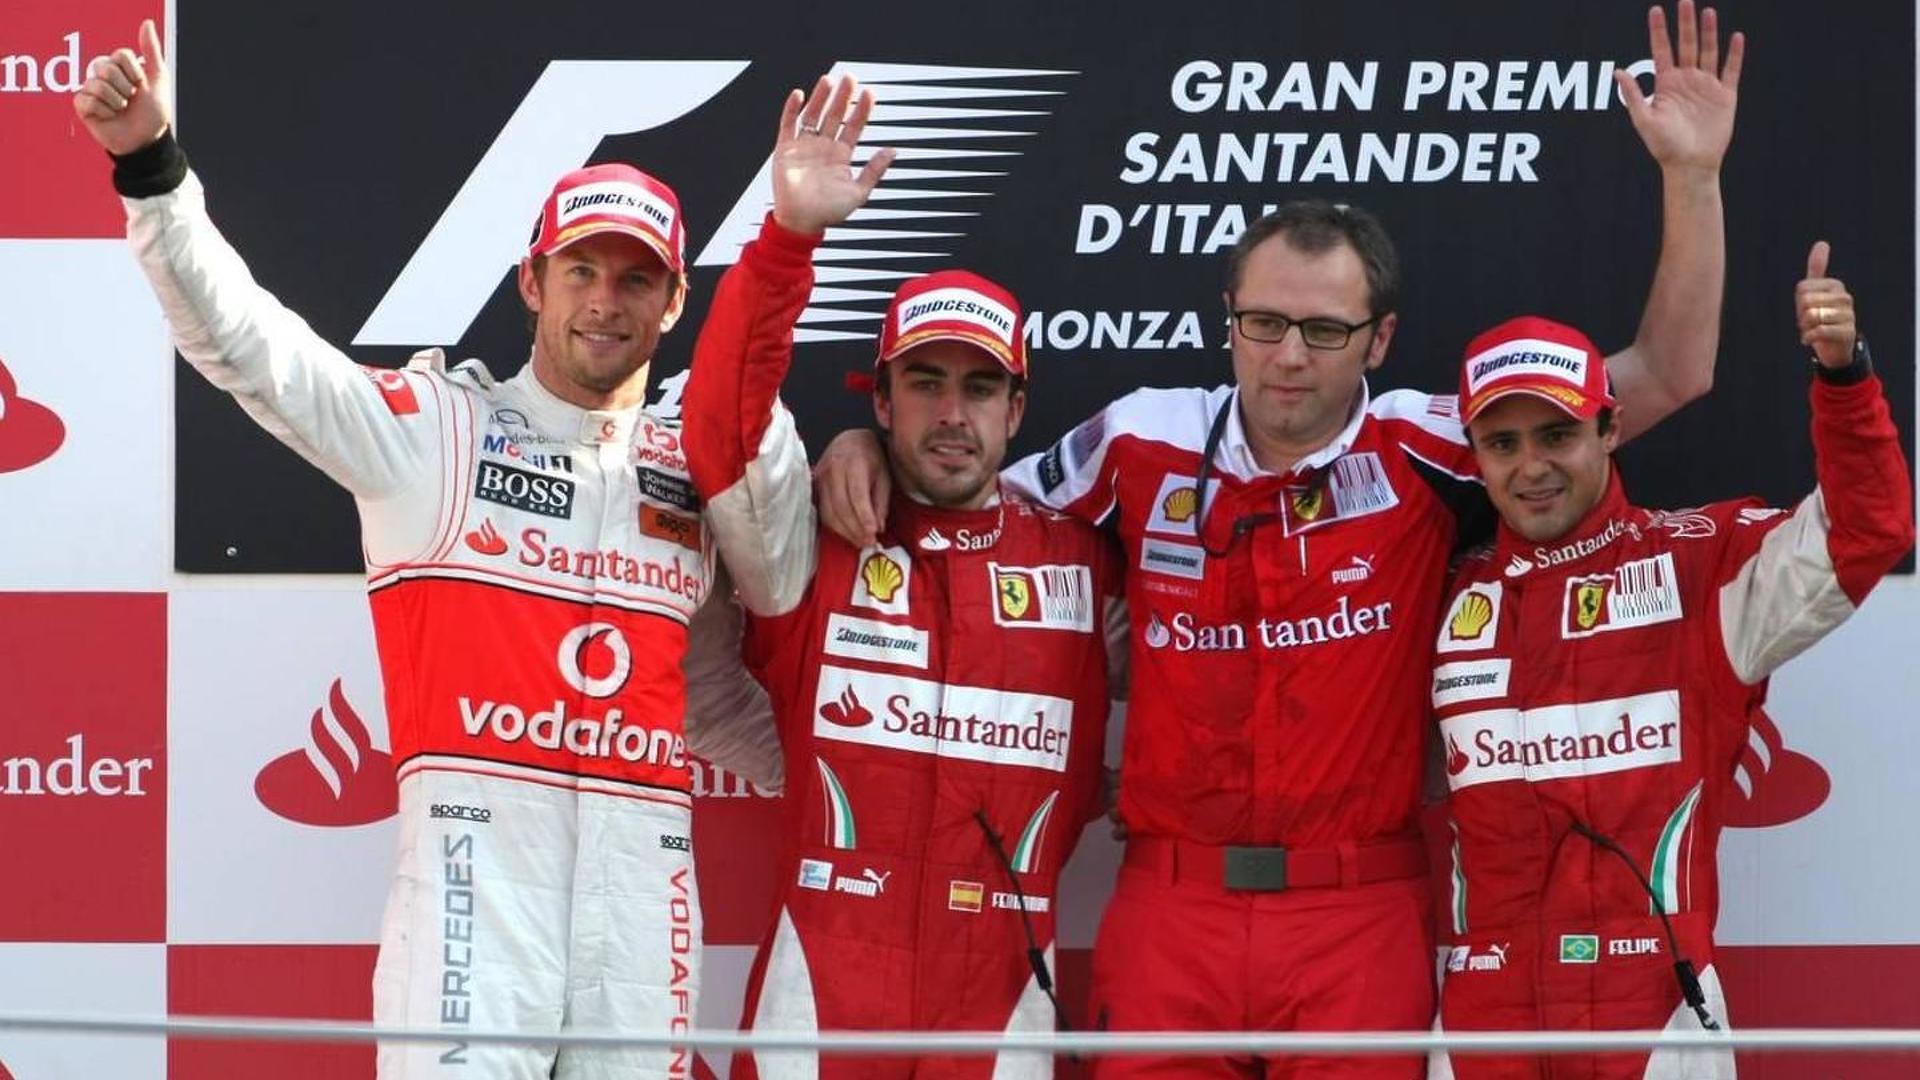 2010 Italian Grand Prix - RESULTS